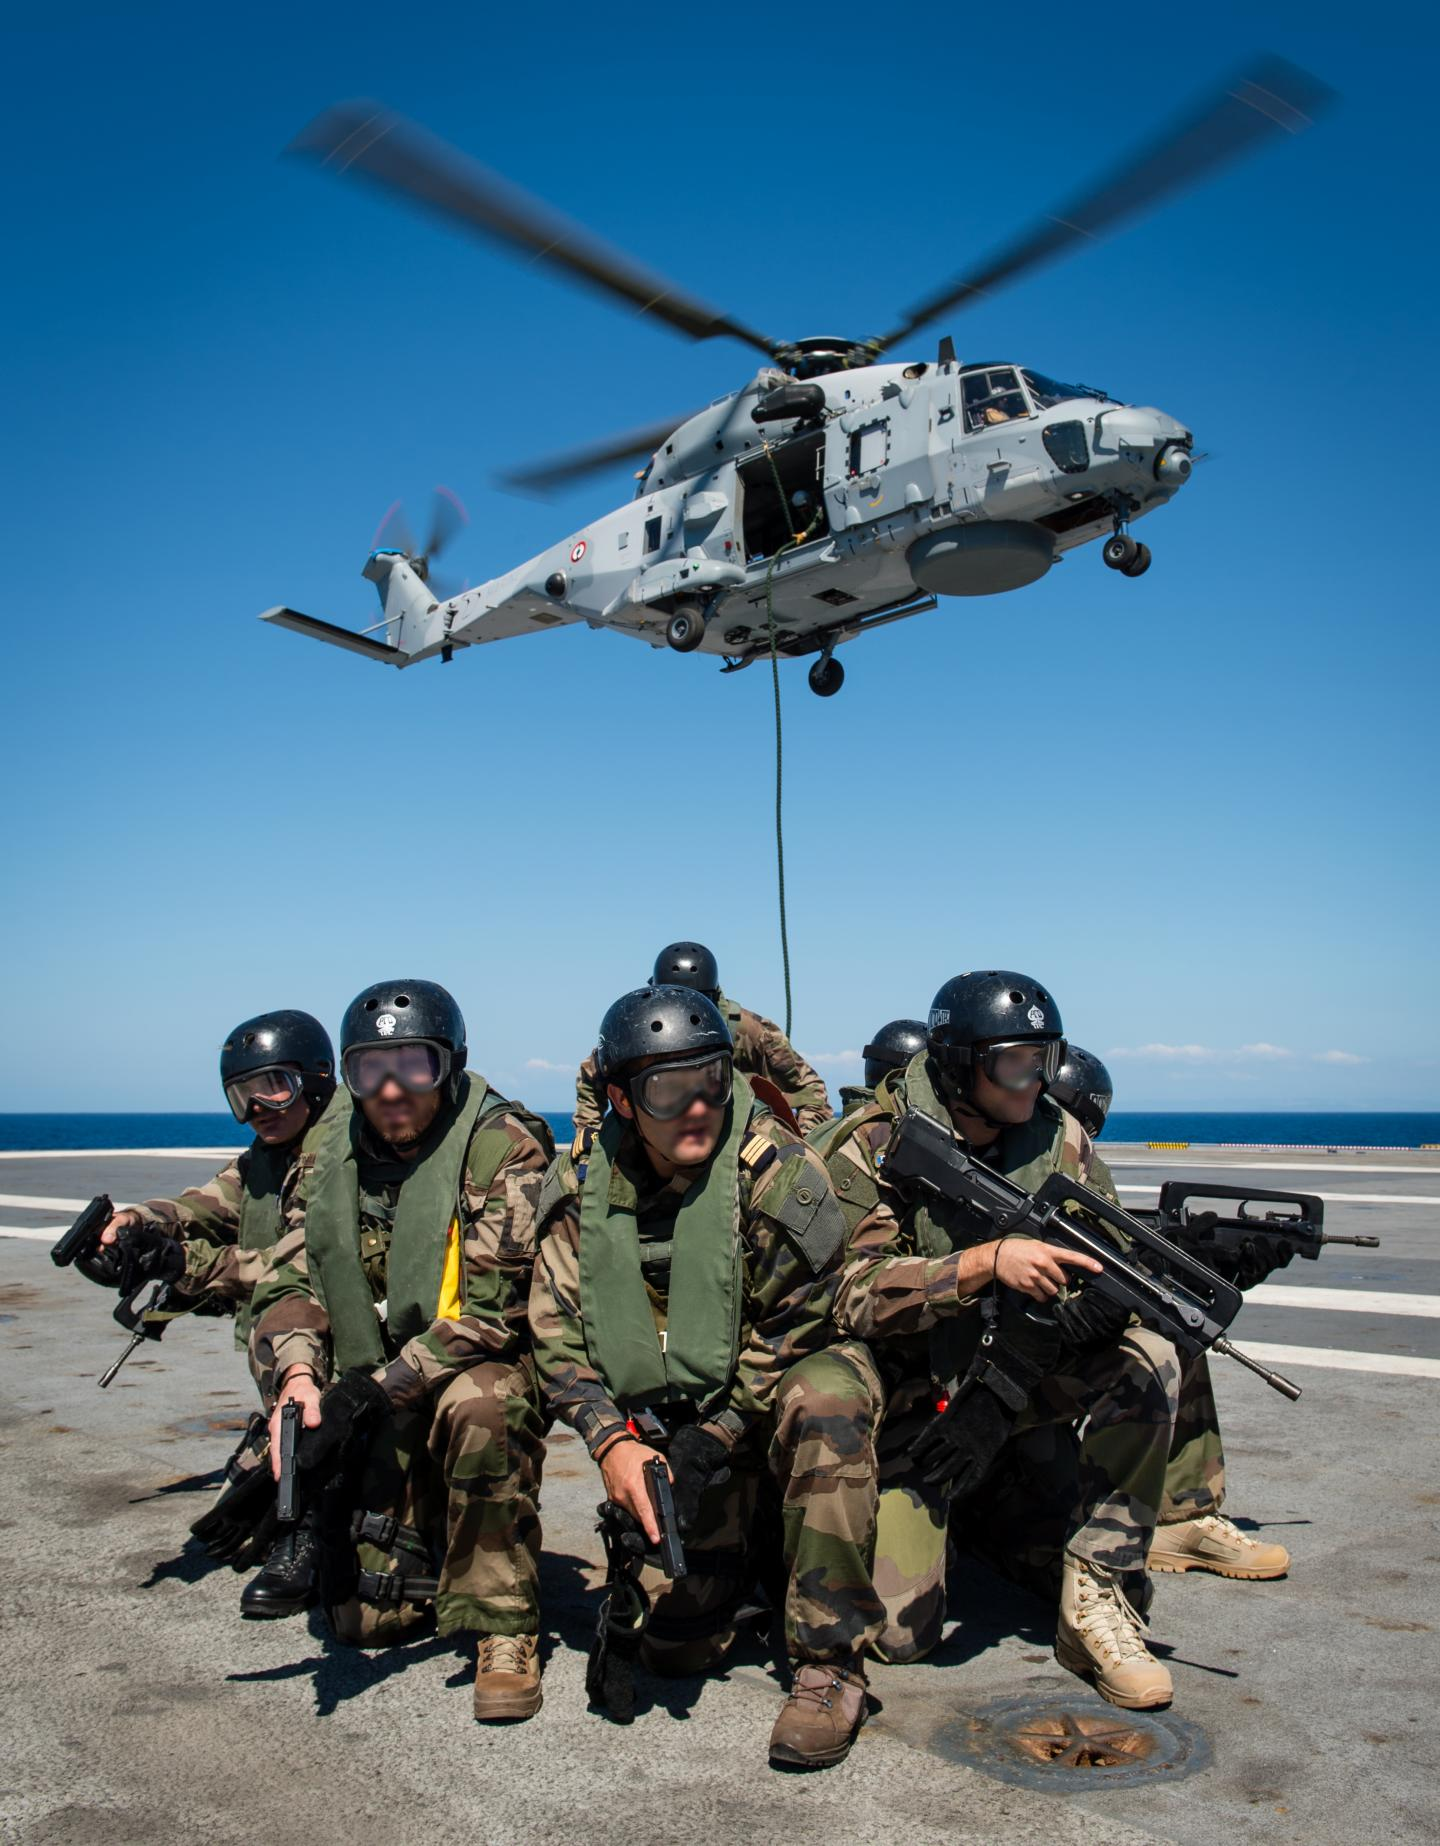 """Sur le pont d'envol du Charles-de-Gaulle, une équipe de l'unité de fusiliers marins (UNIFUSIL) effectue un entraînement corde lisse depuis un hélicoptère """"Caïman"""" marine (NH90), le 7 septembre"""